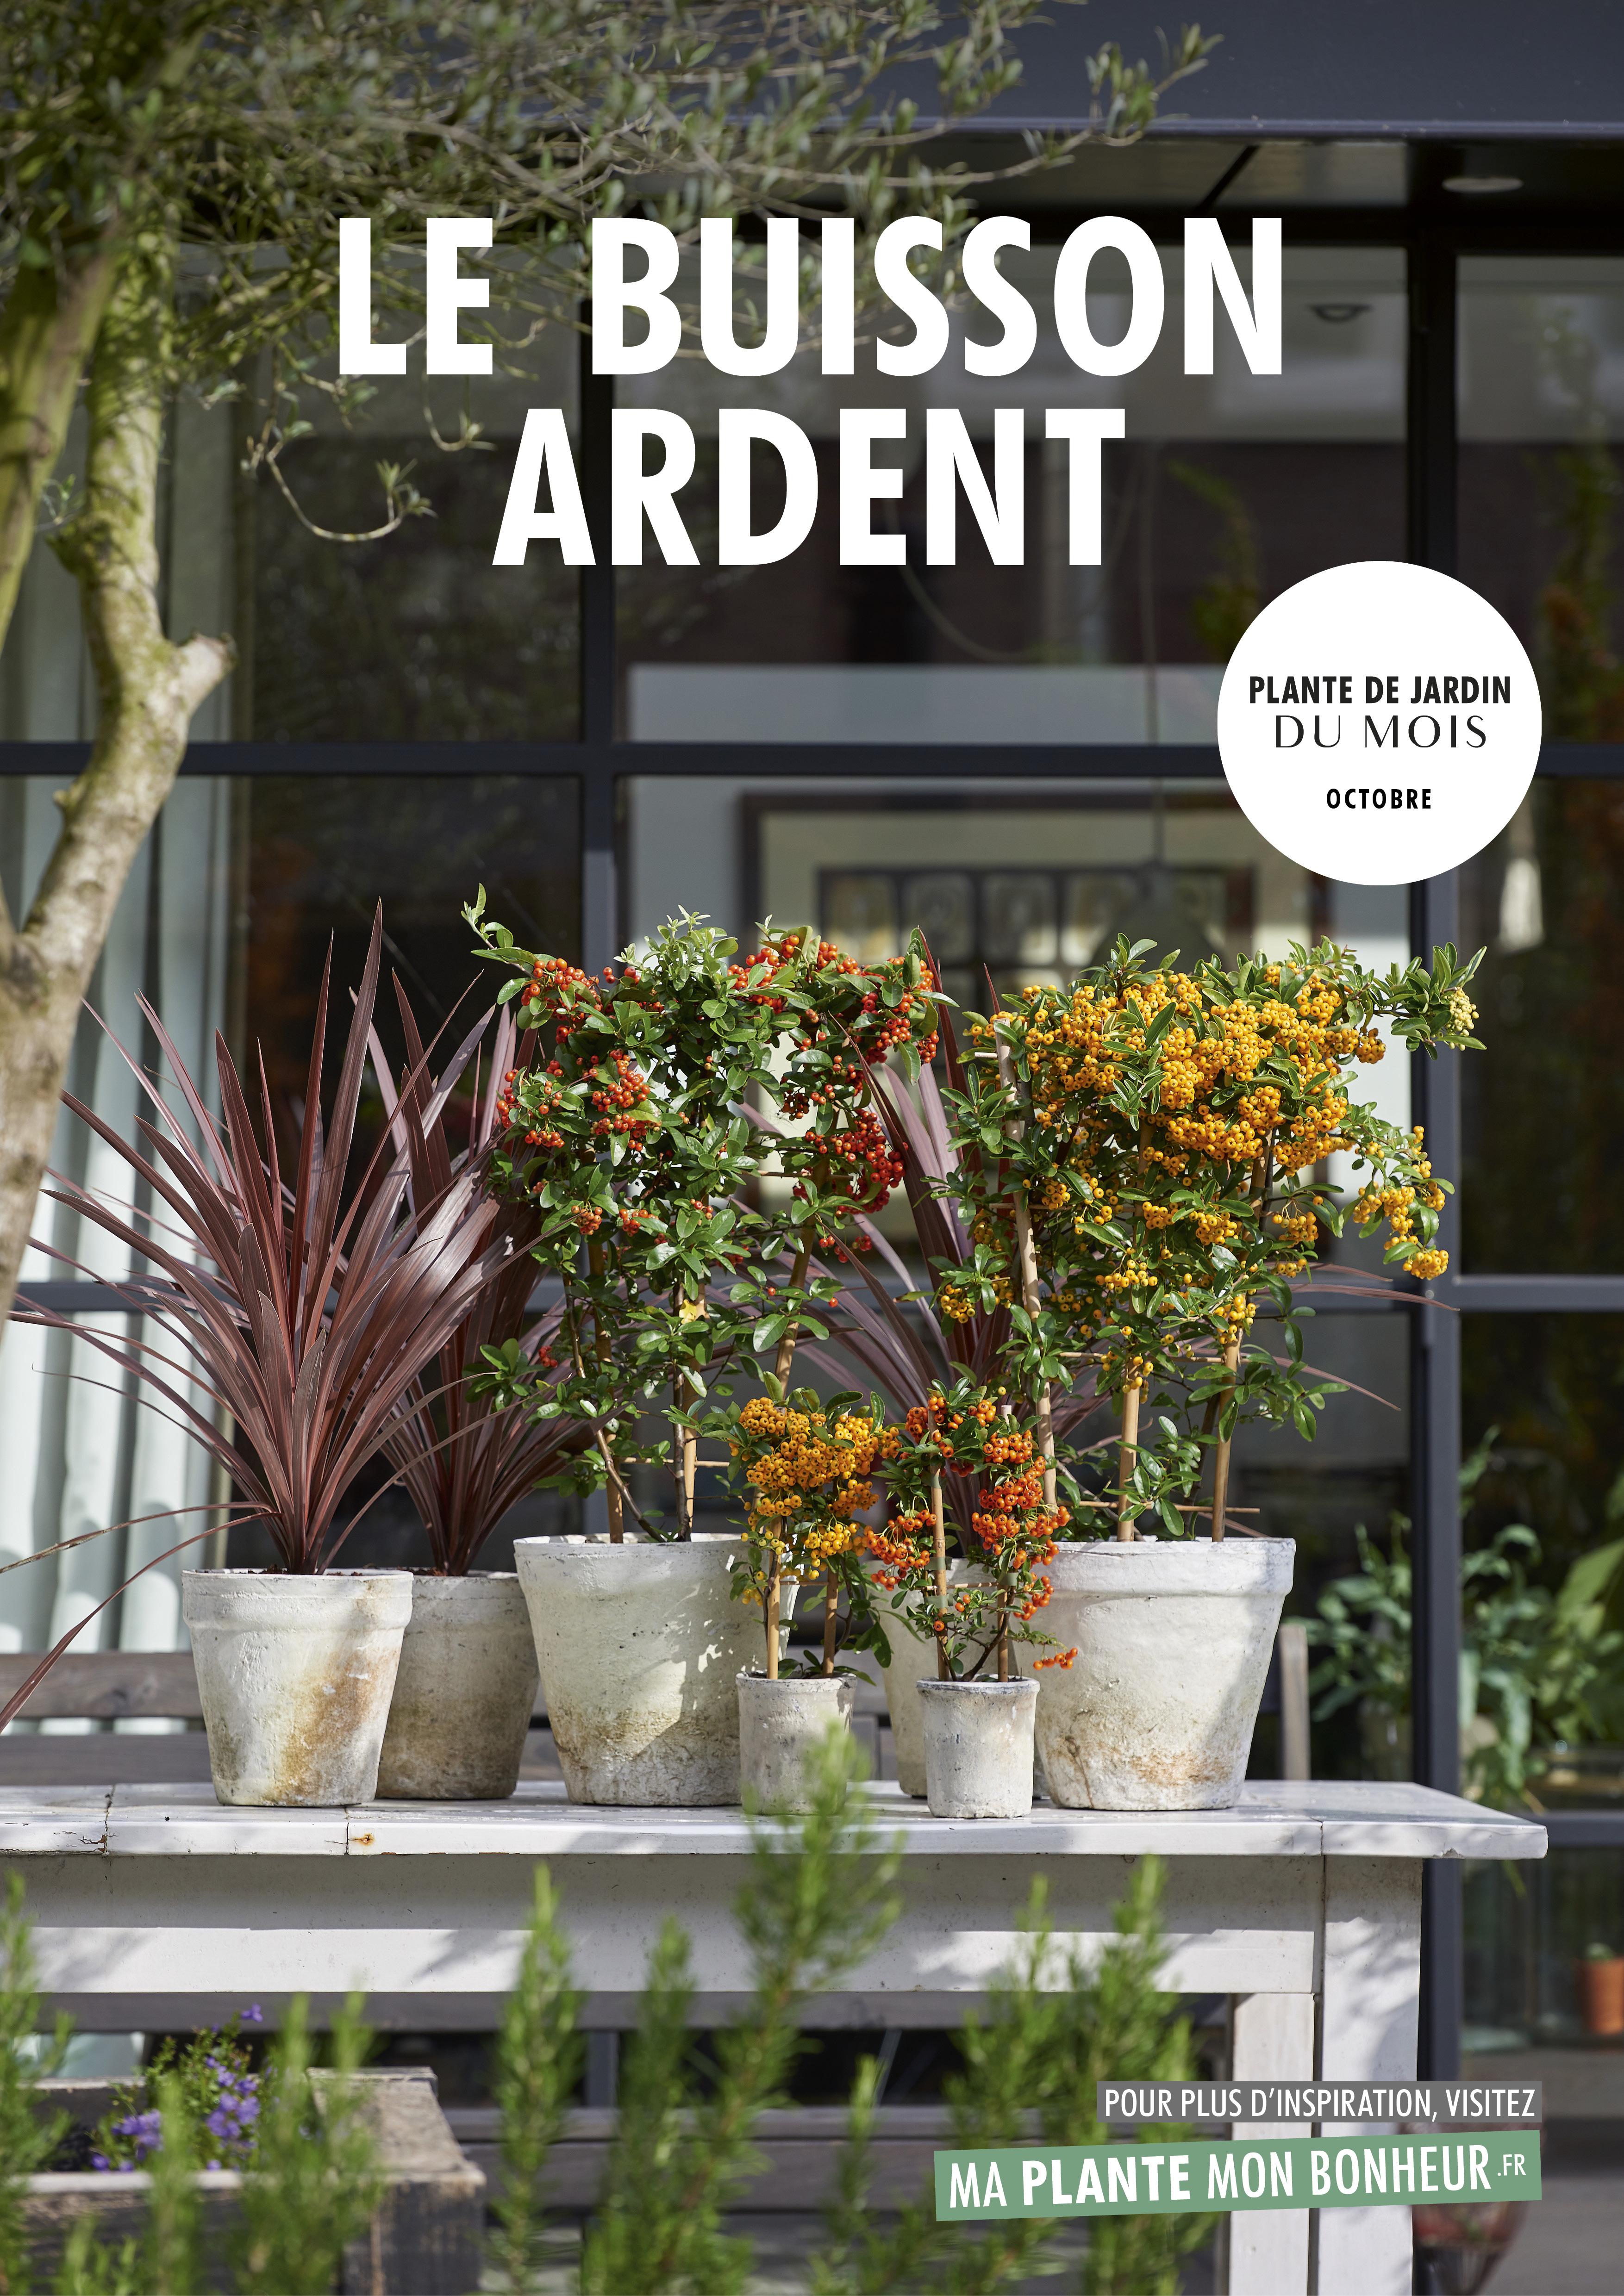 Plantes Pour Terrasse Sud Est plante de jardin du mois d'octobre 2018 : buisson ardent